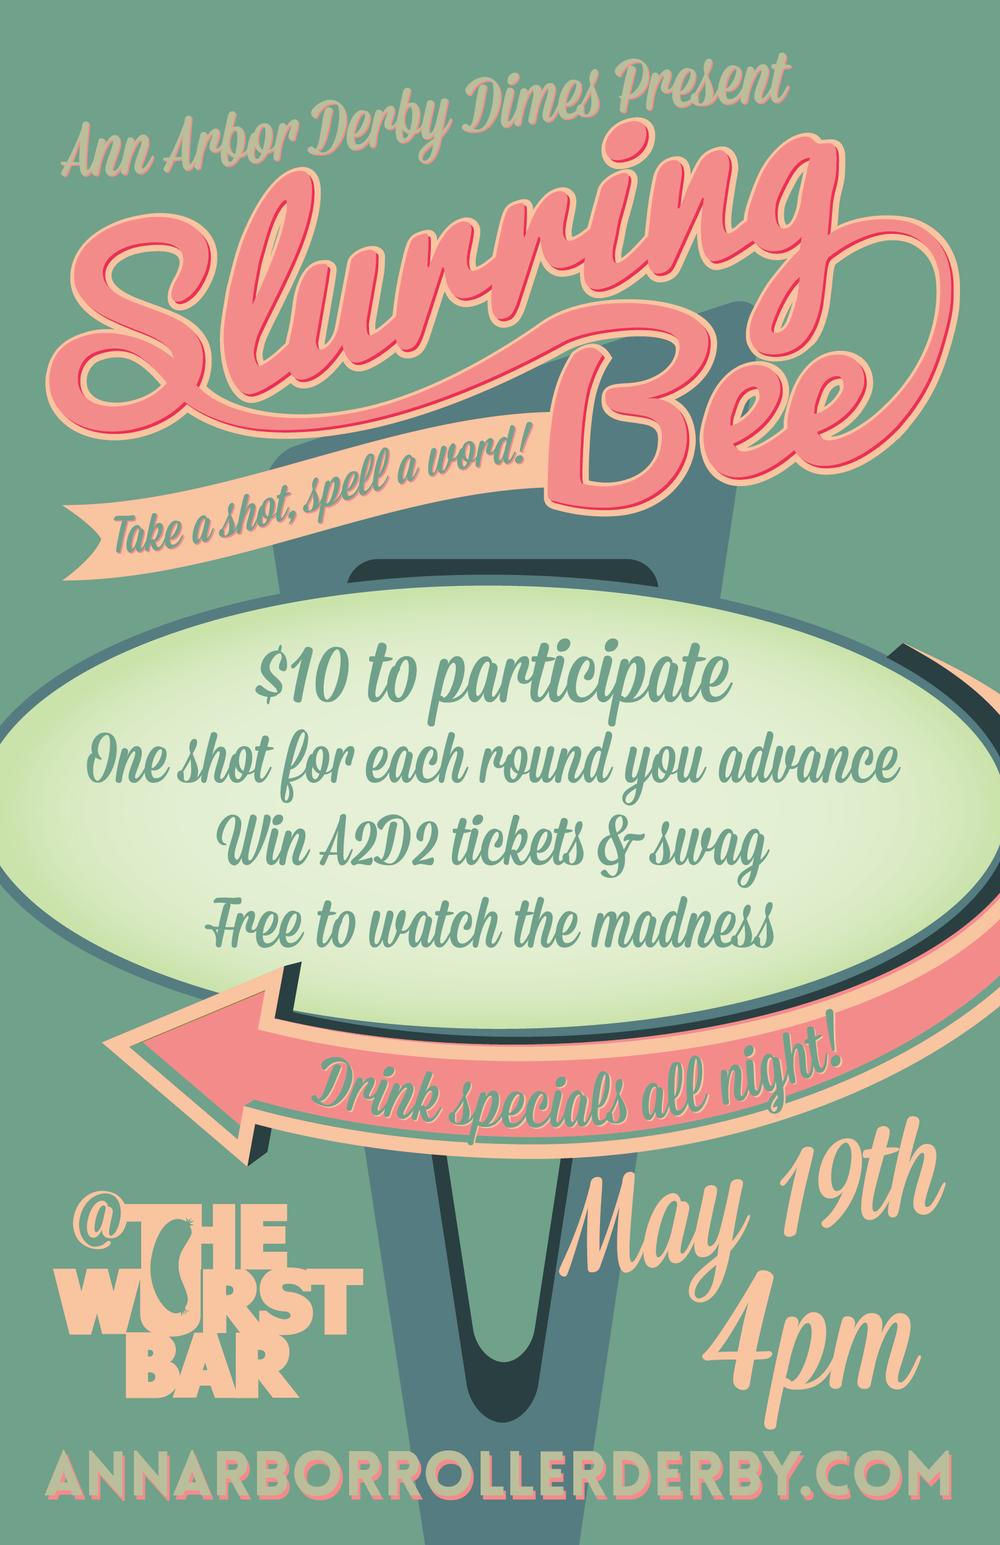 5.19.13 Slurring Bee-01.png